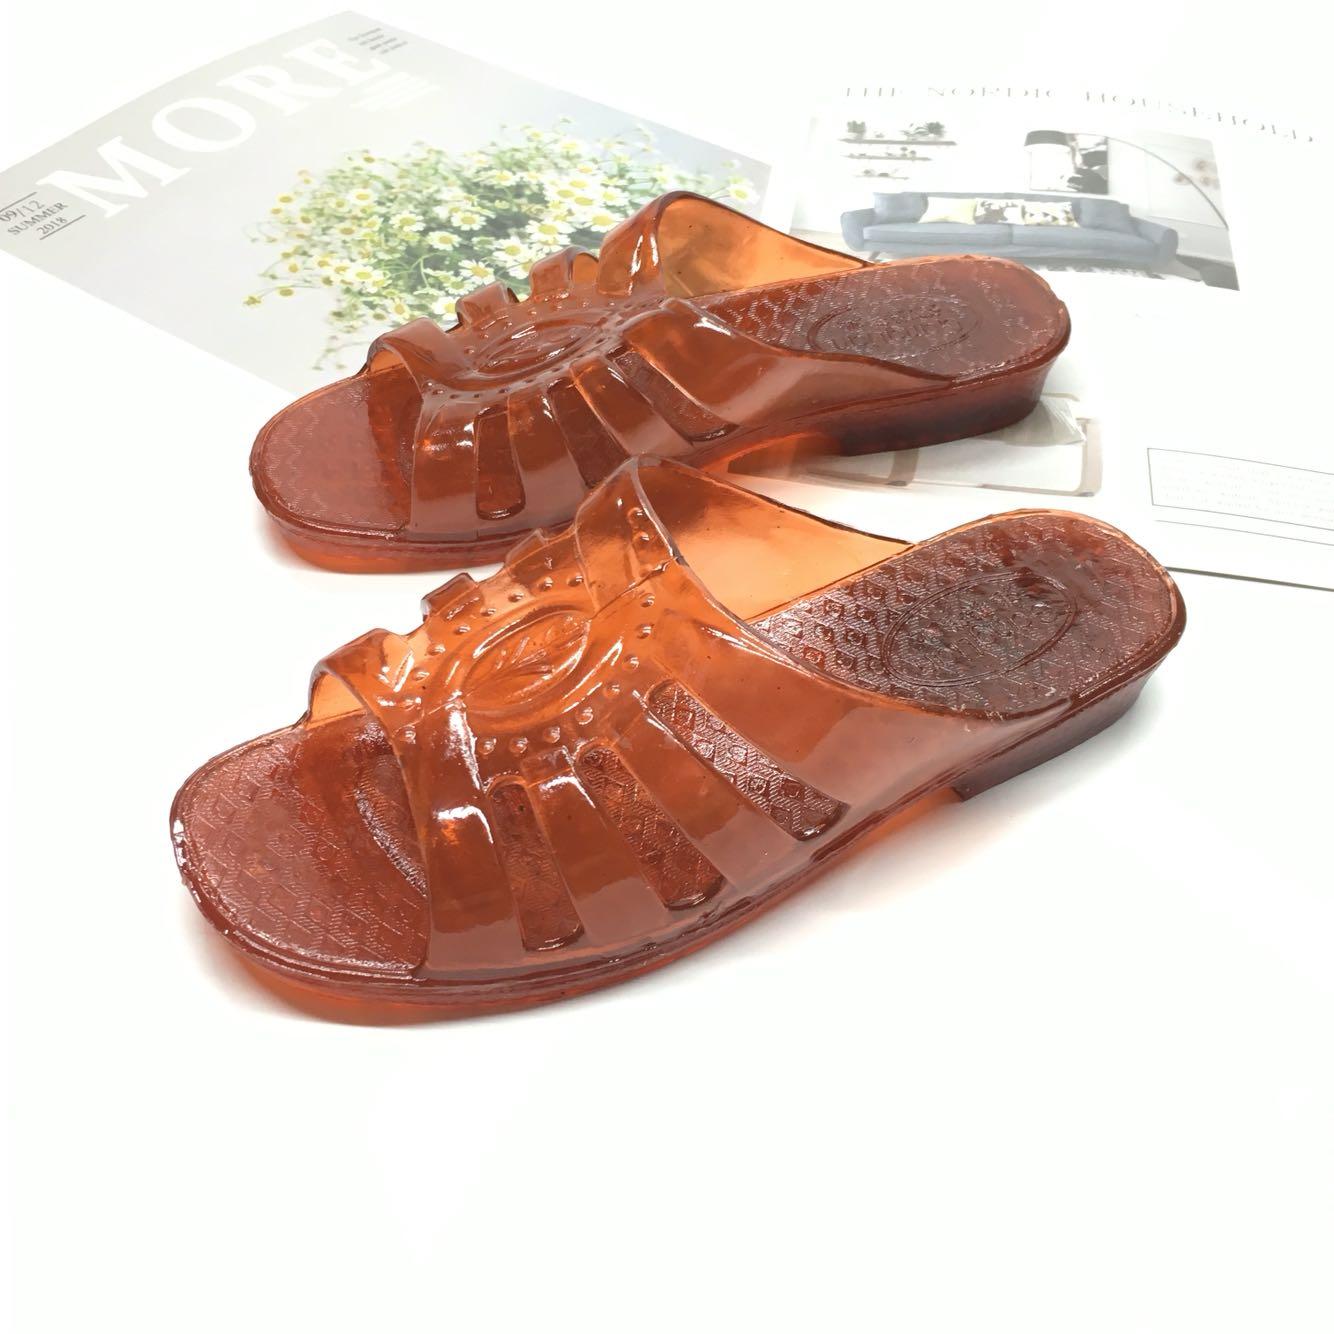 奶奶新款一字拖女纯色女鞋居家拖耐磨耐穿防滑底柔软舒适牛筋拖鞋